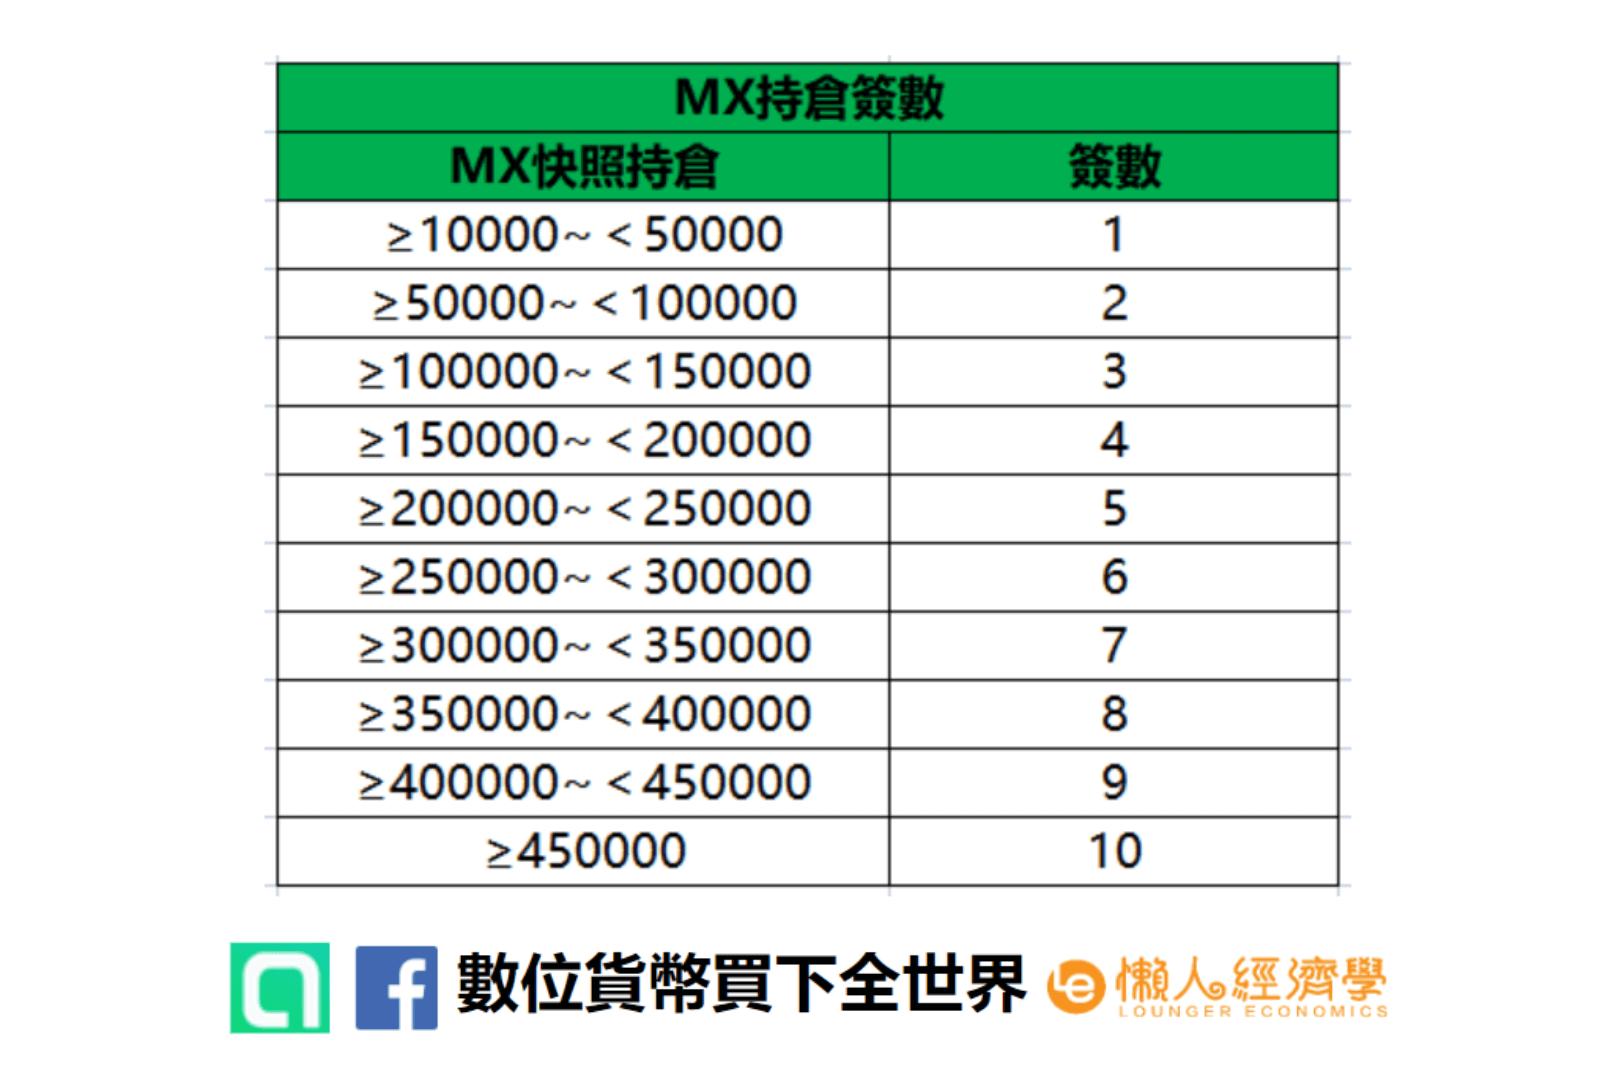 抹茶交易所MEXC M-DAY活動 依據MX平台幣數量來抽空投